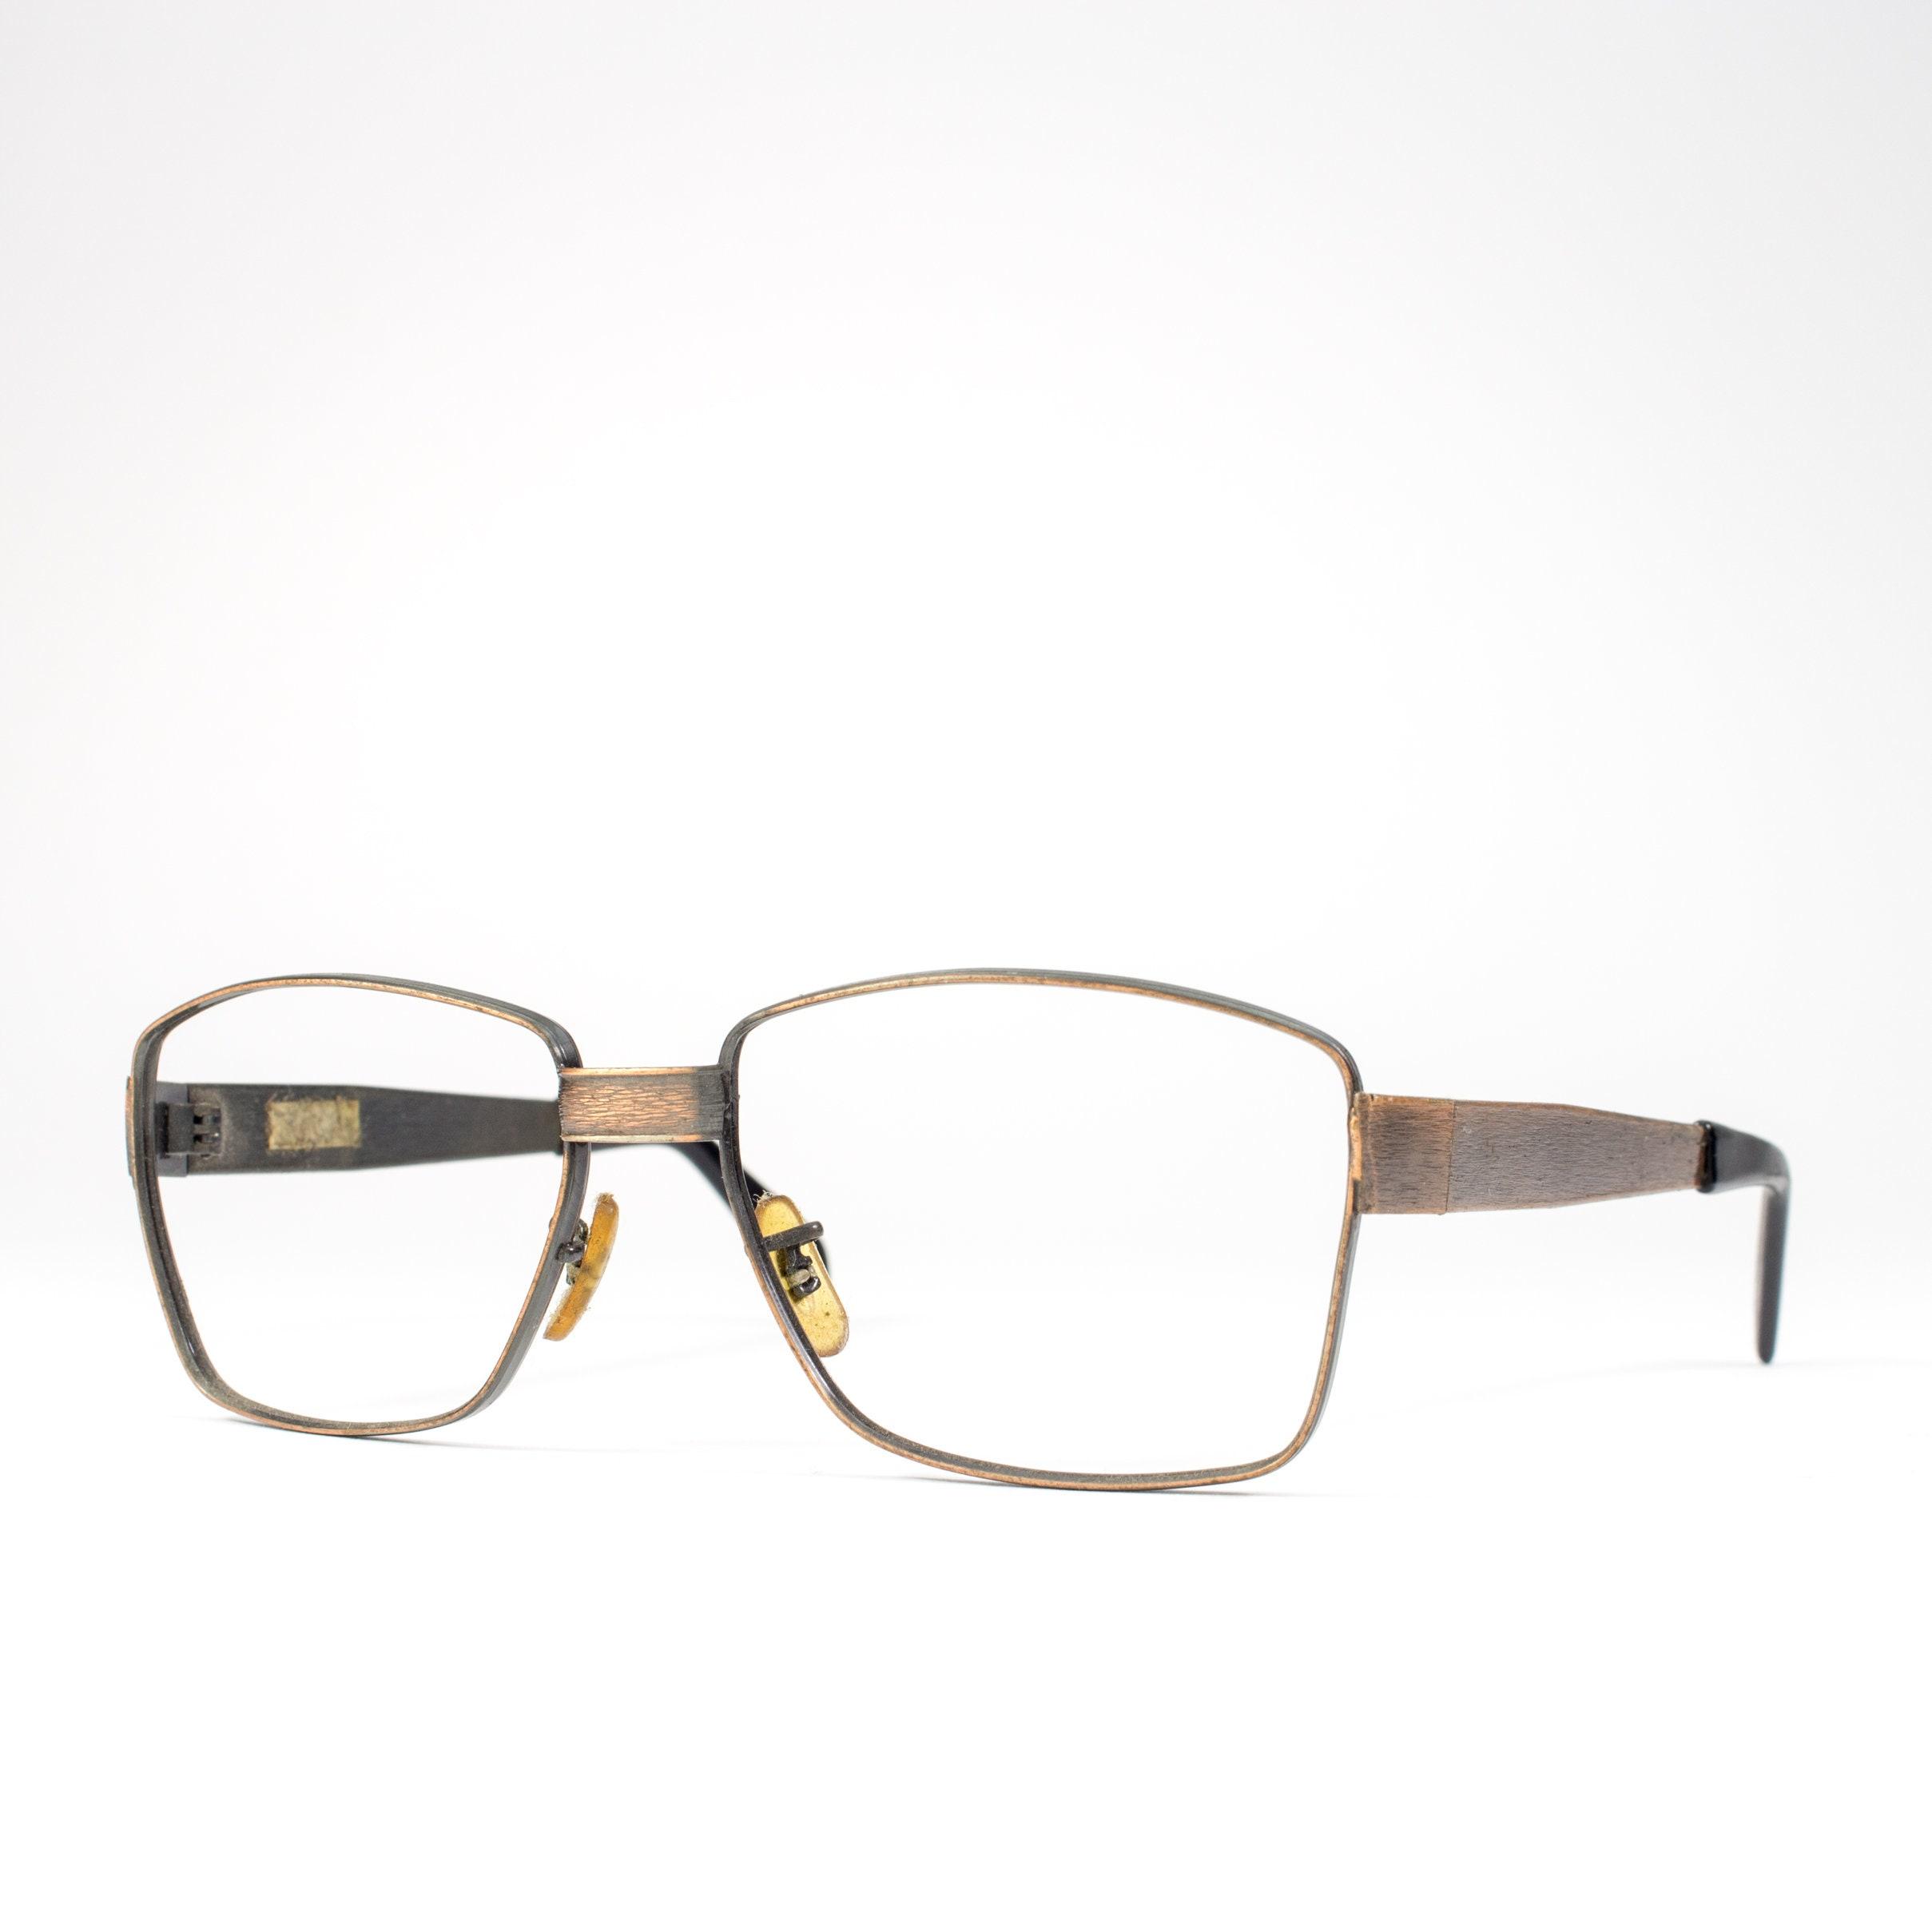 60s Glasses | 1960s Vintage Eyeglasses | Unique Copper Frames ...